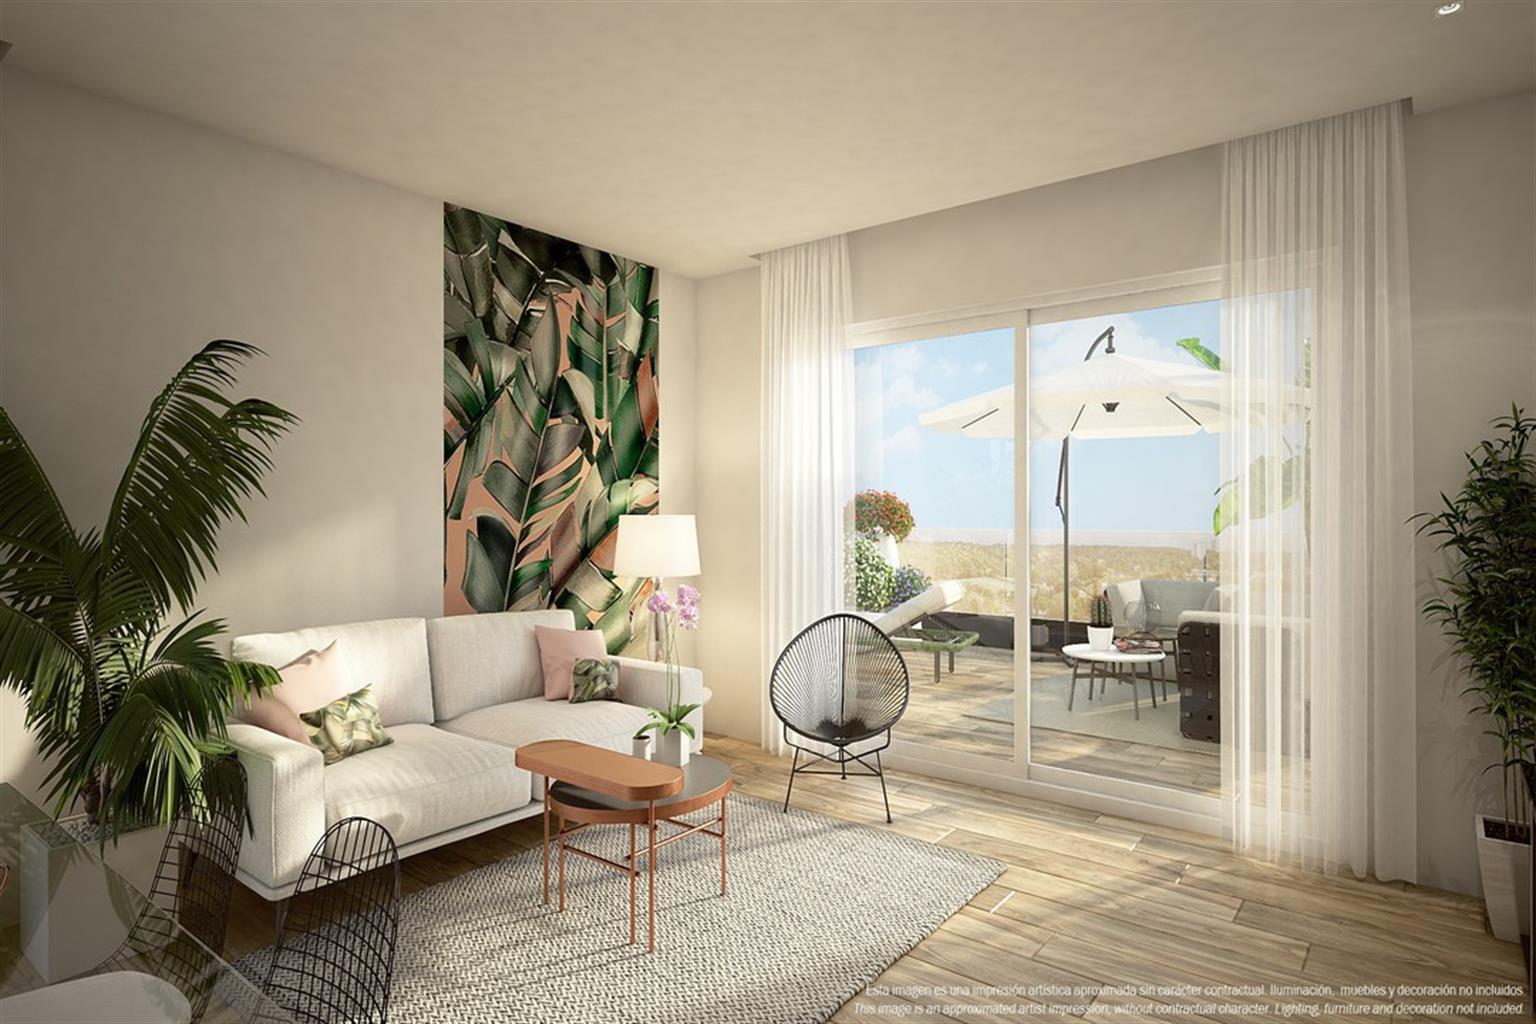 Appartement - Punta prima  - #4230209-39